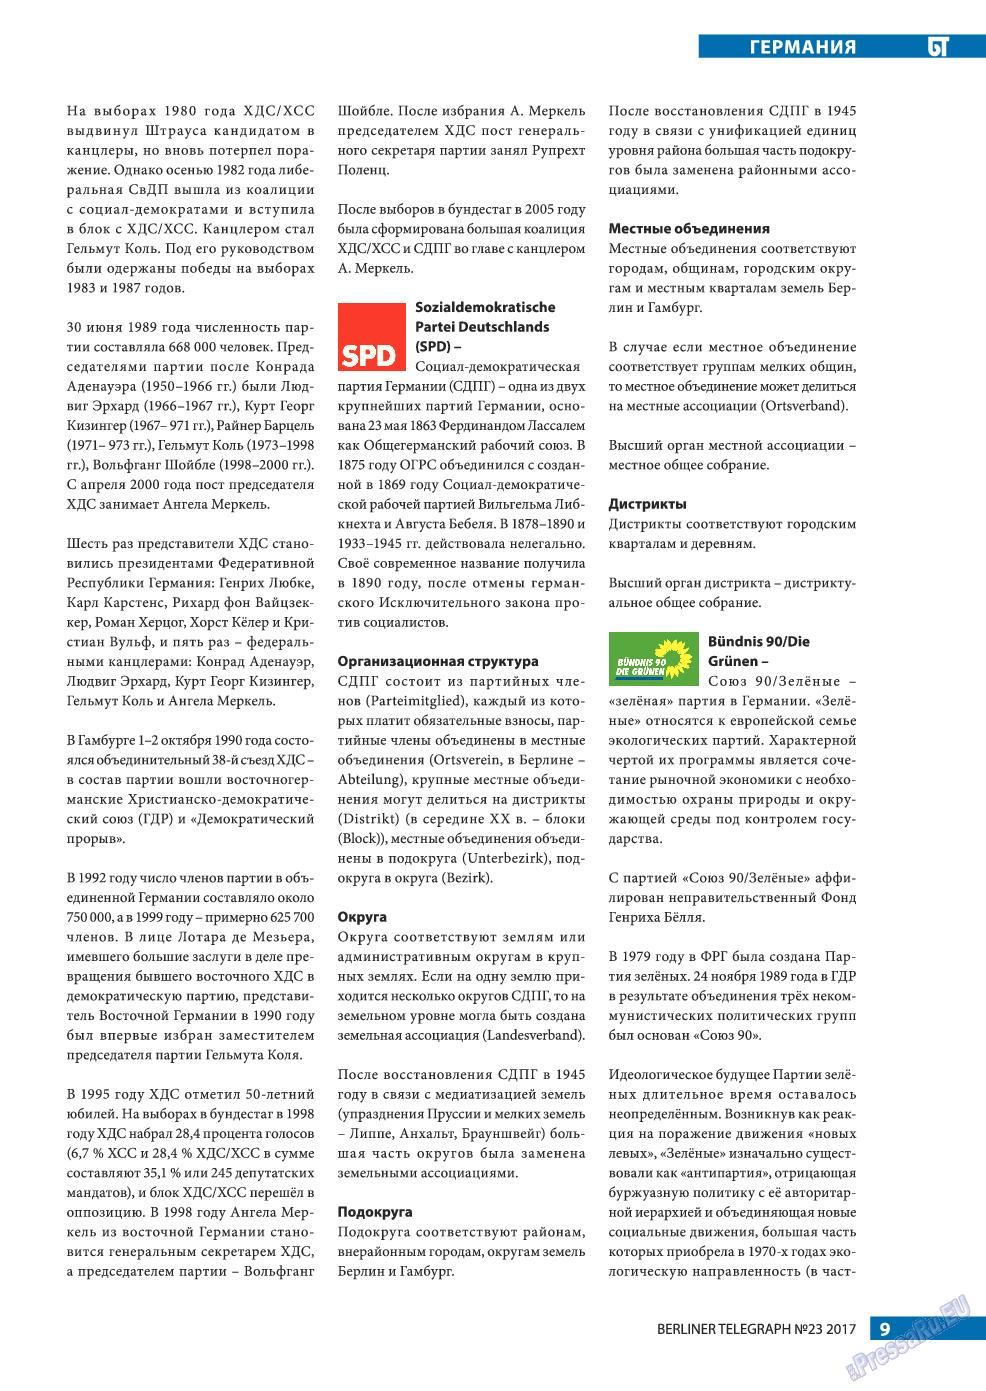 Берлинский телеграф (журнал). 2017 год, номер 23, стр. 9